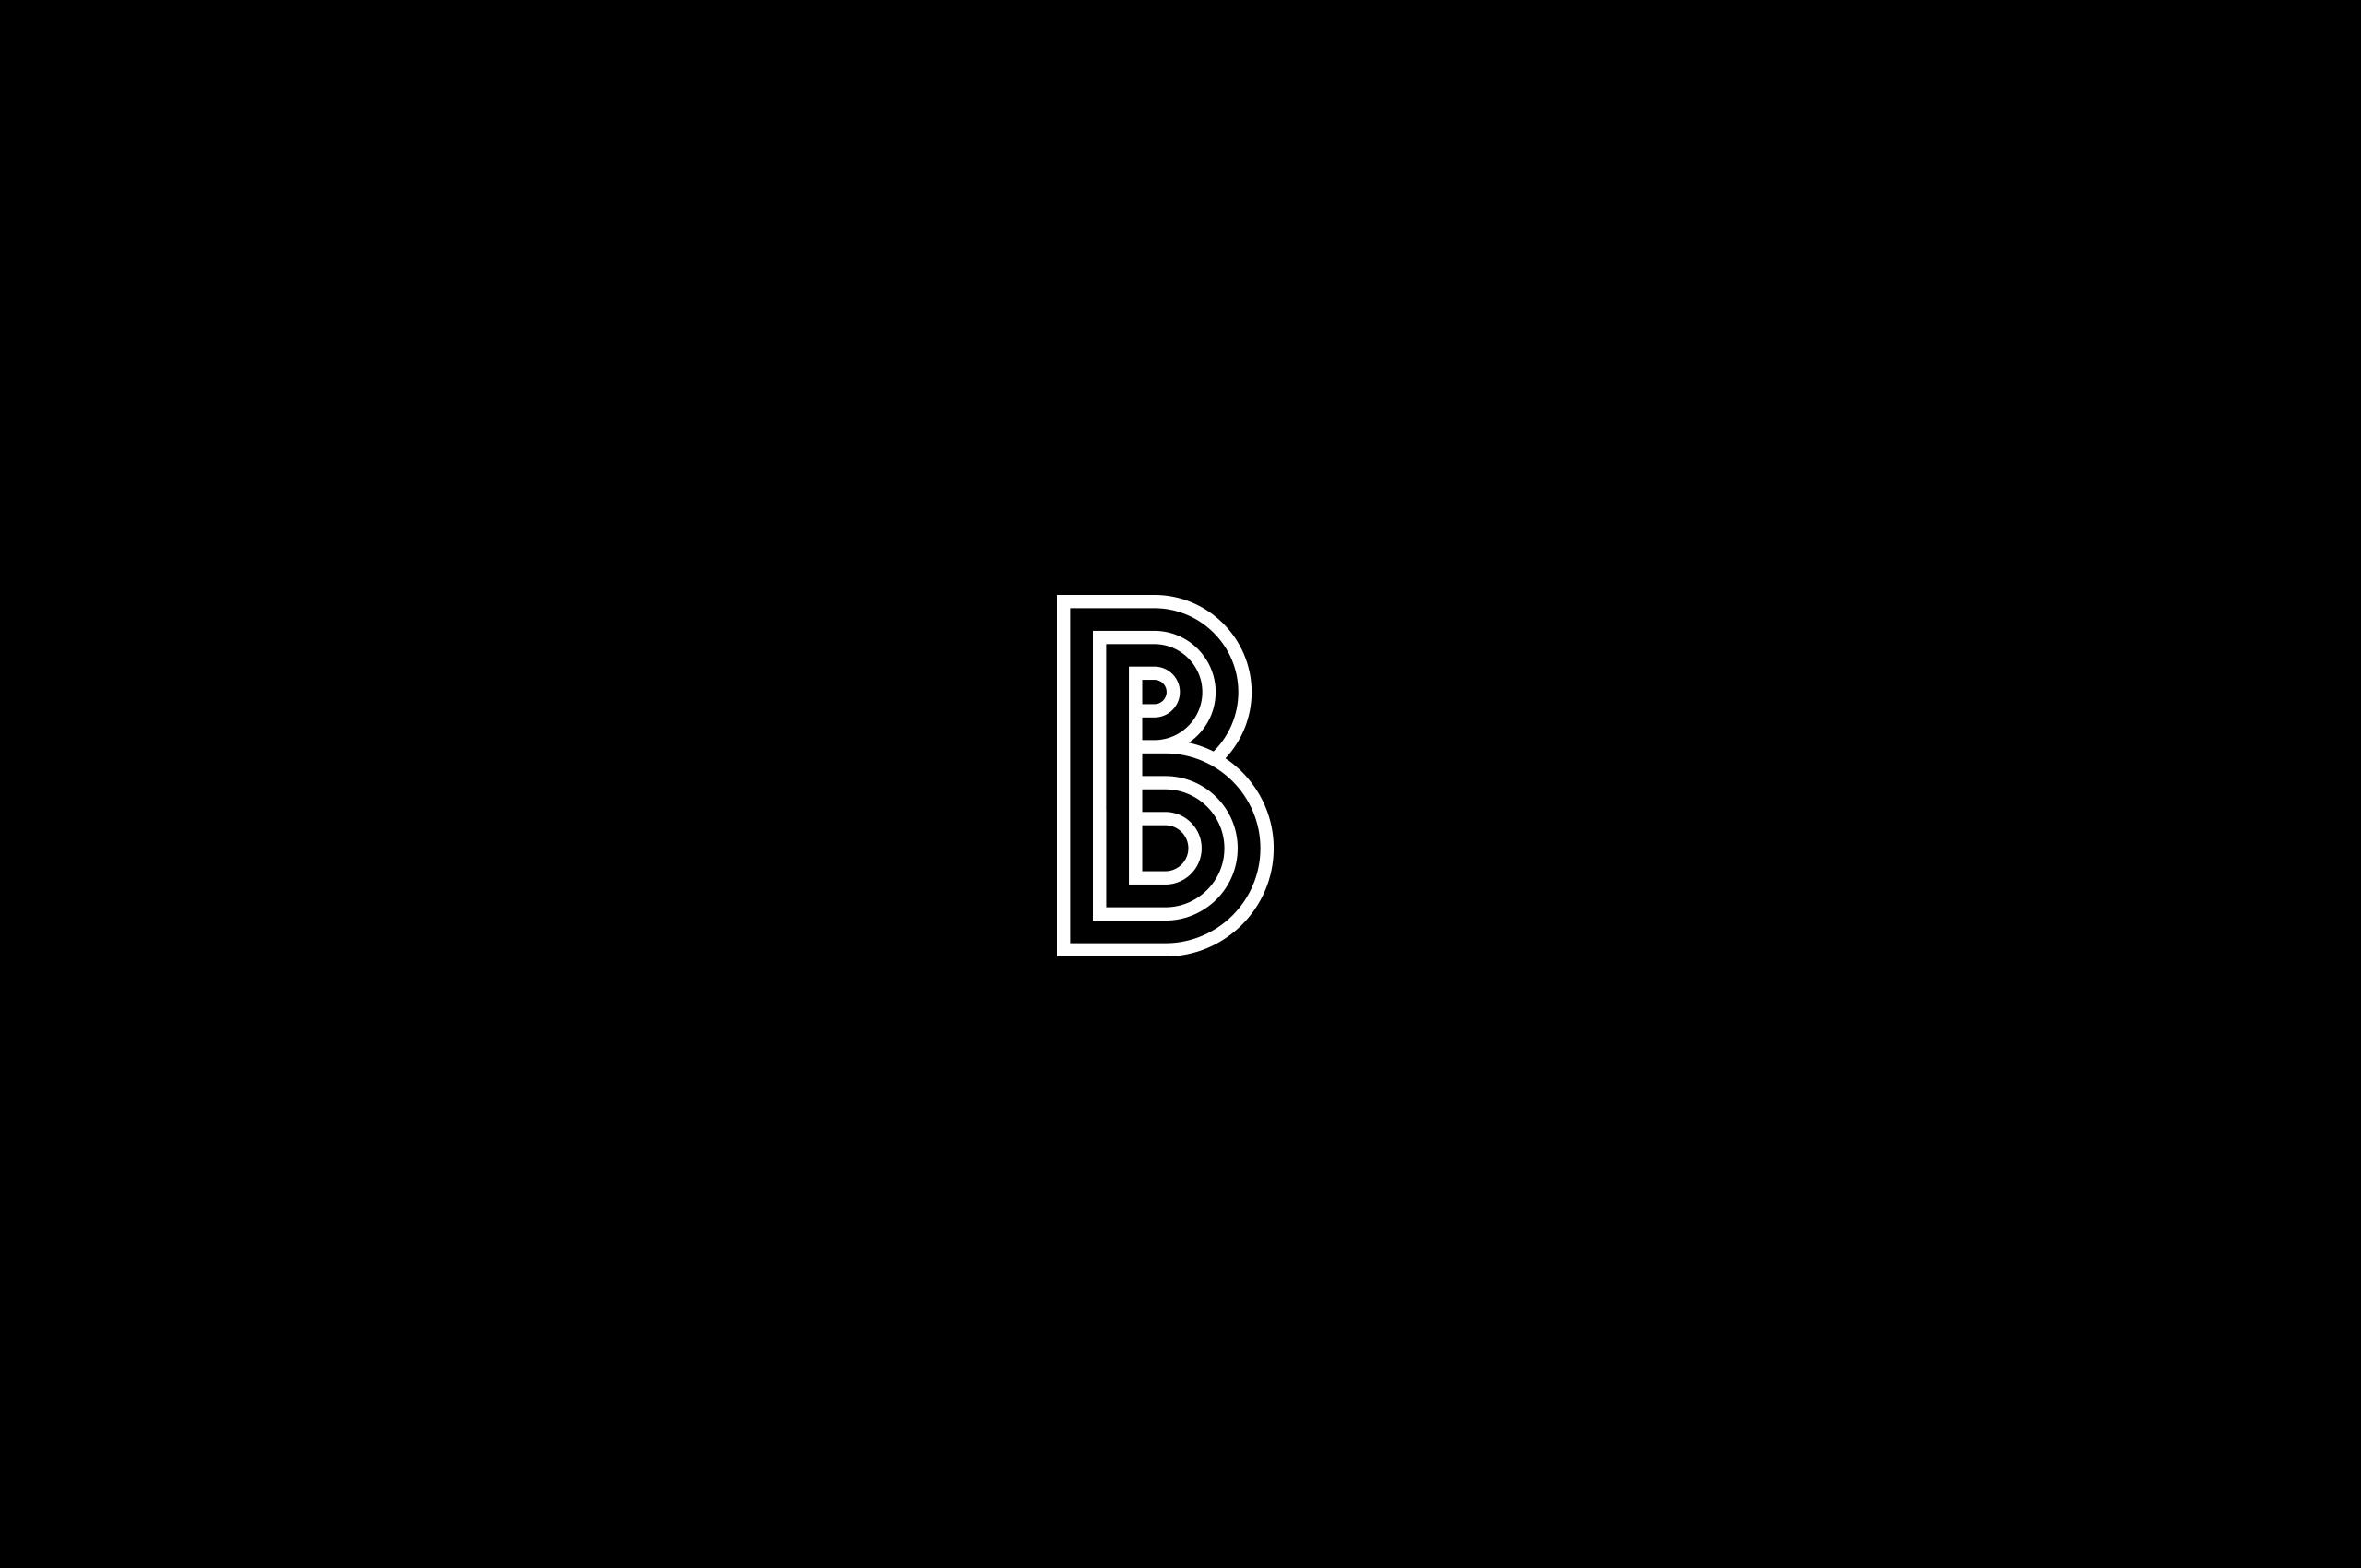 logocollection-2021-25